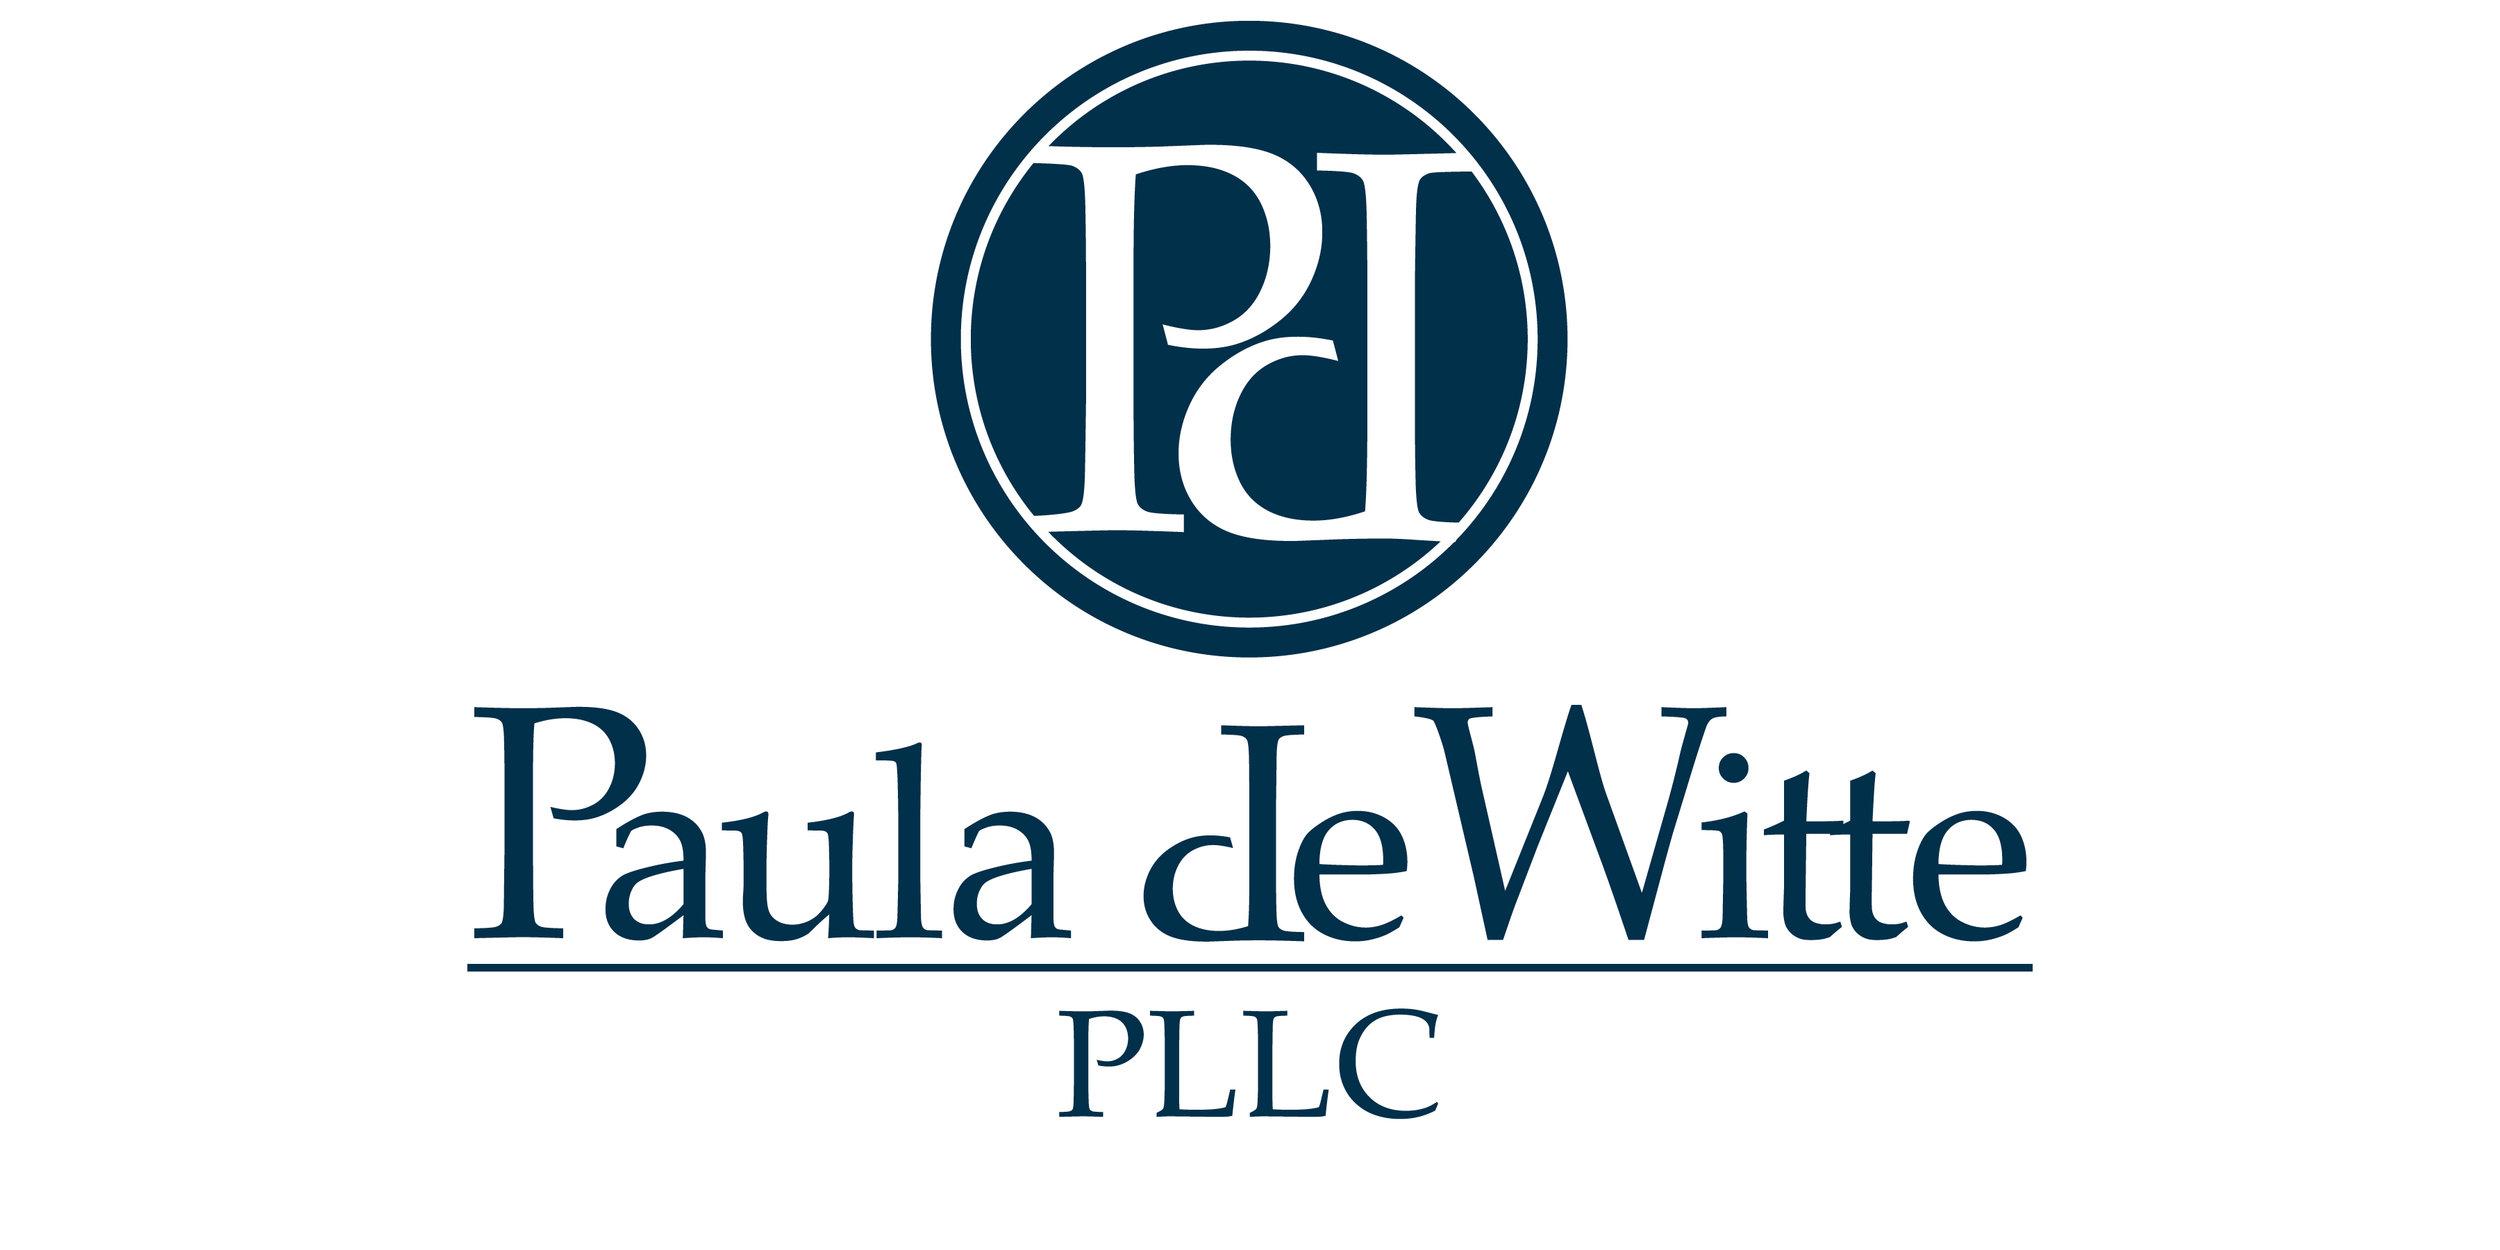 Paula deWitte Logo Final.jpg